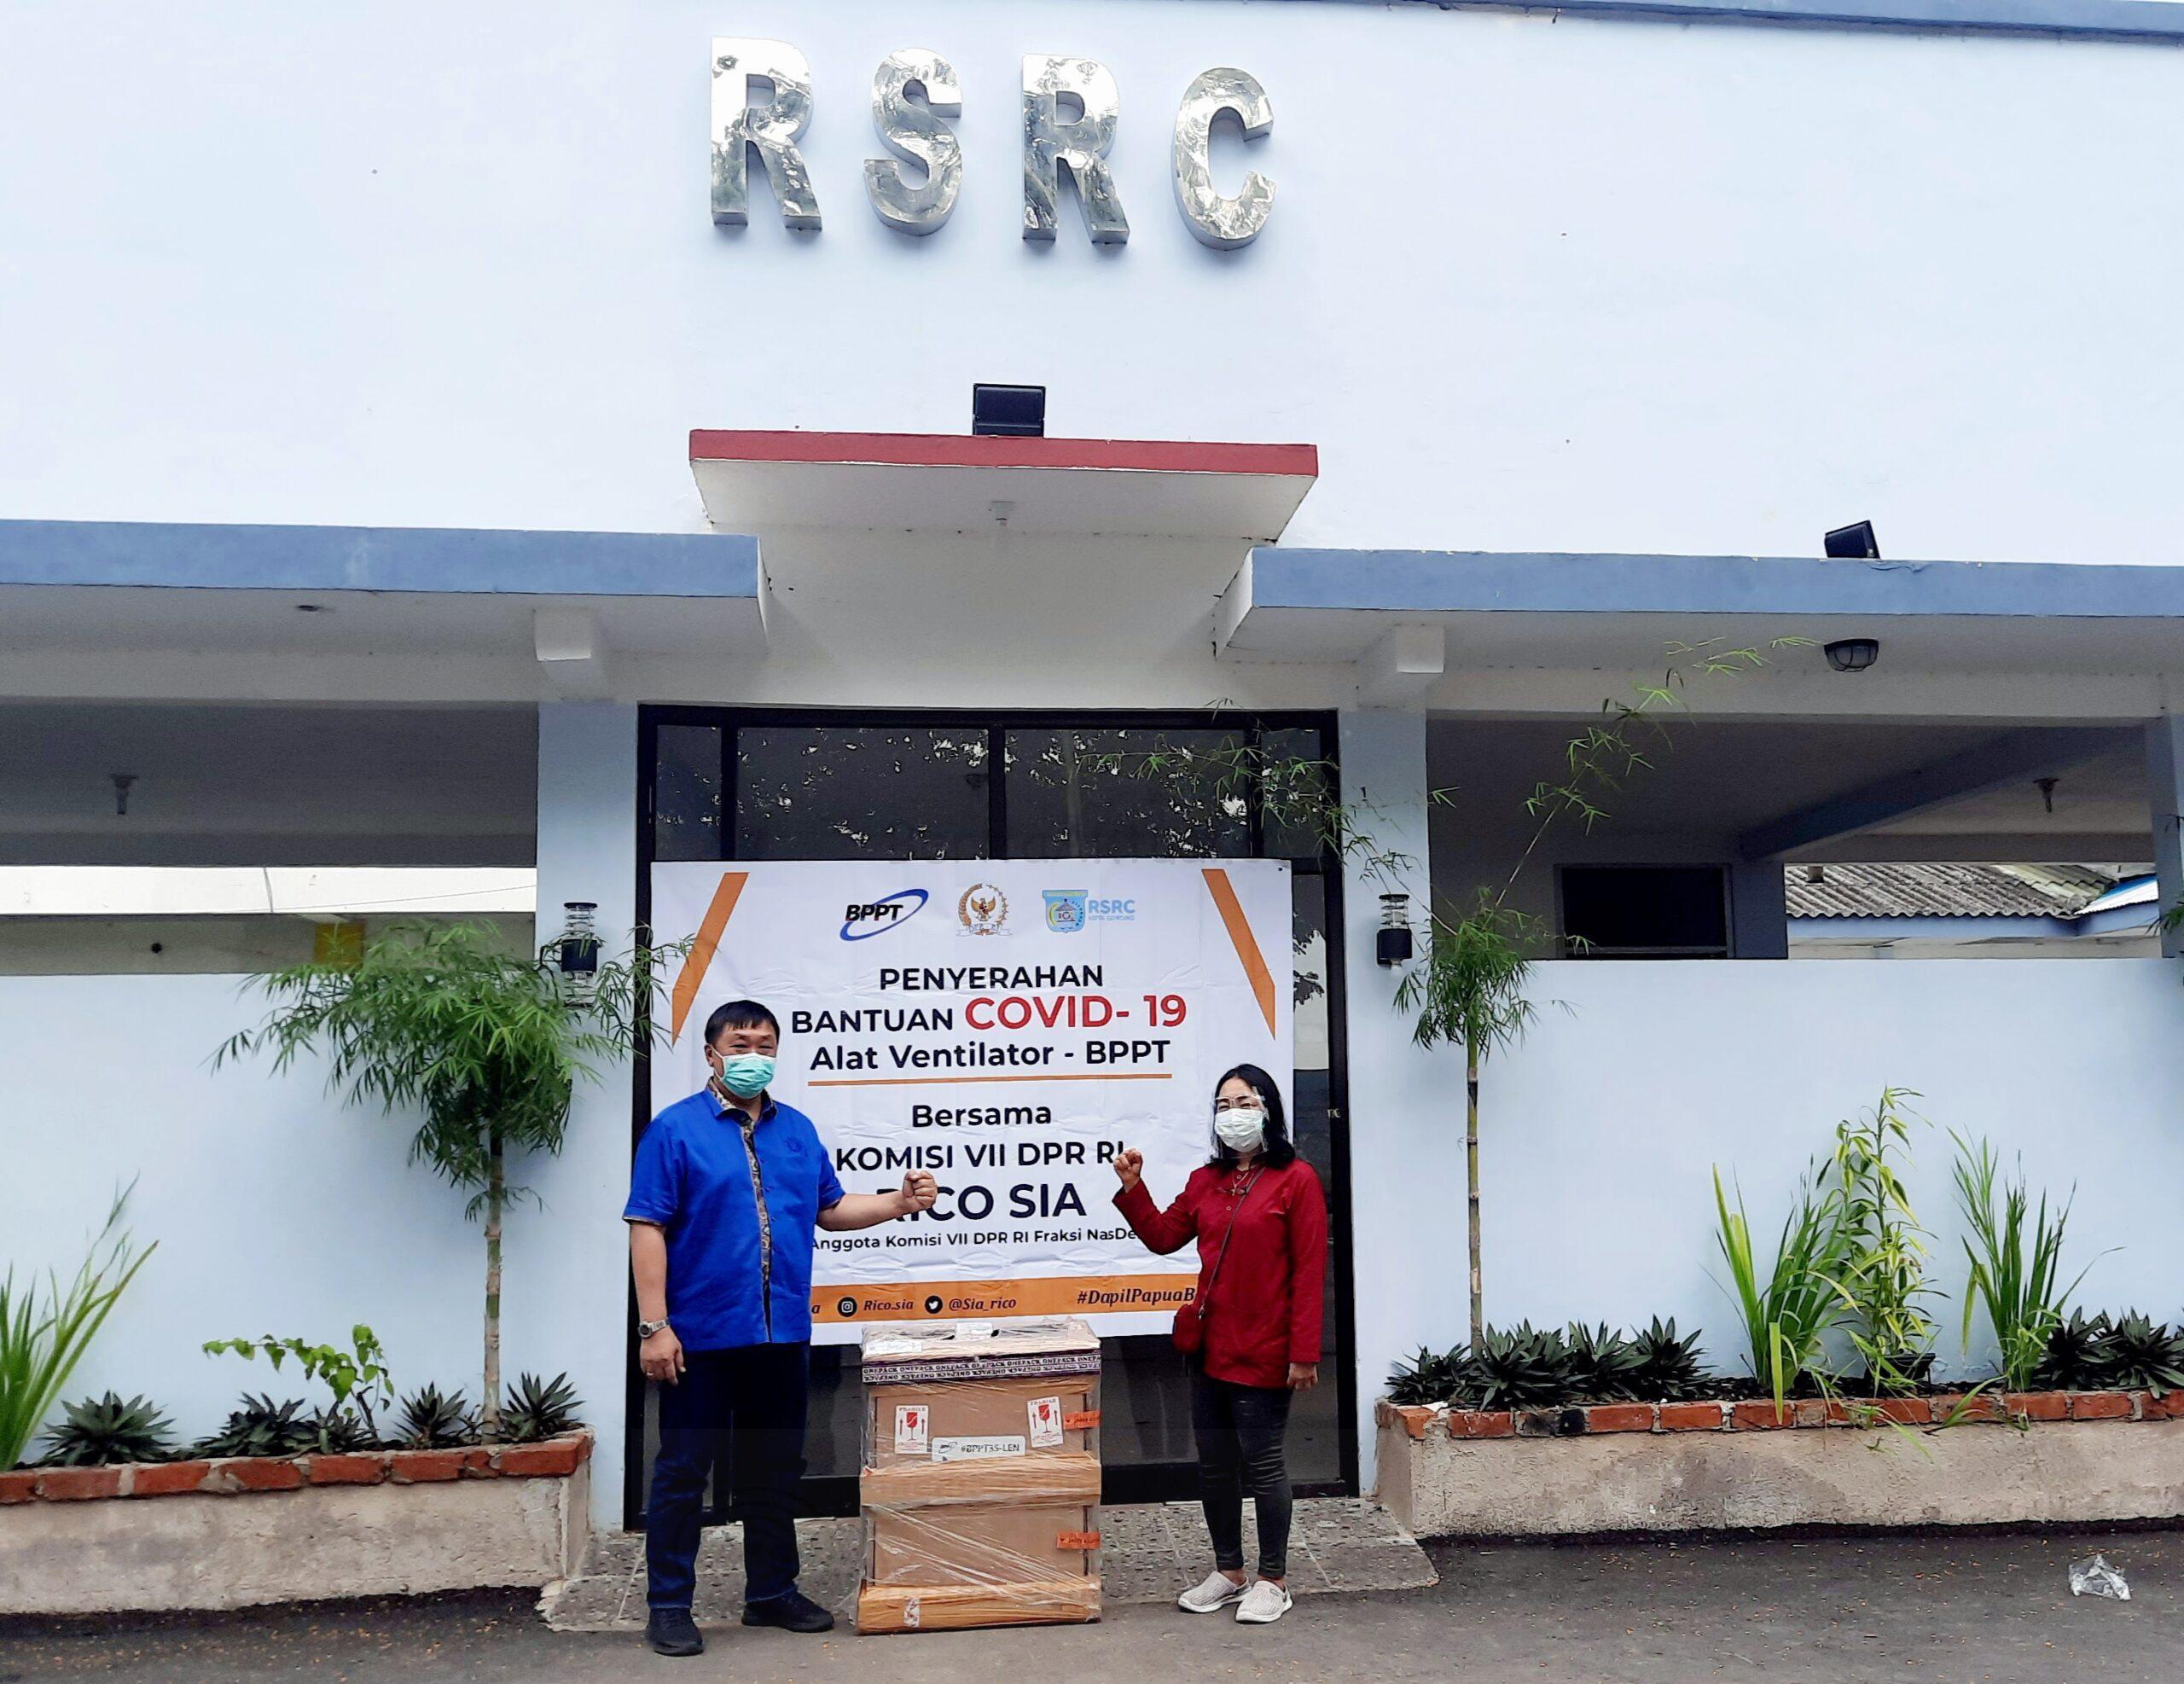 Bersinergi Bersama BPPT, Rico Sia Serahkan Ventilator di RSRC Kota Sorong 10 20201224 151721 scaled